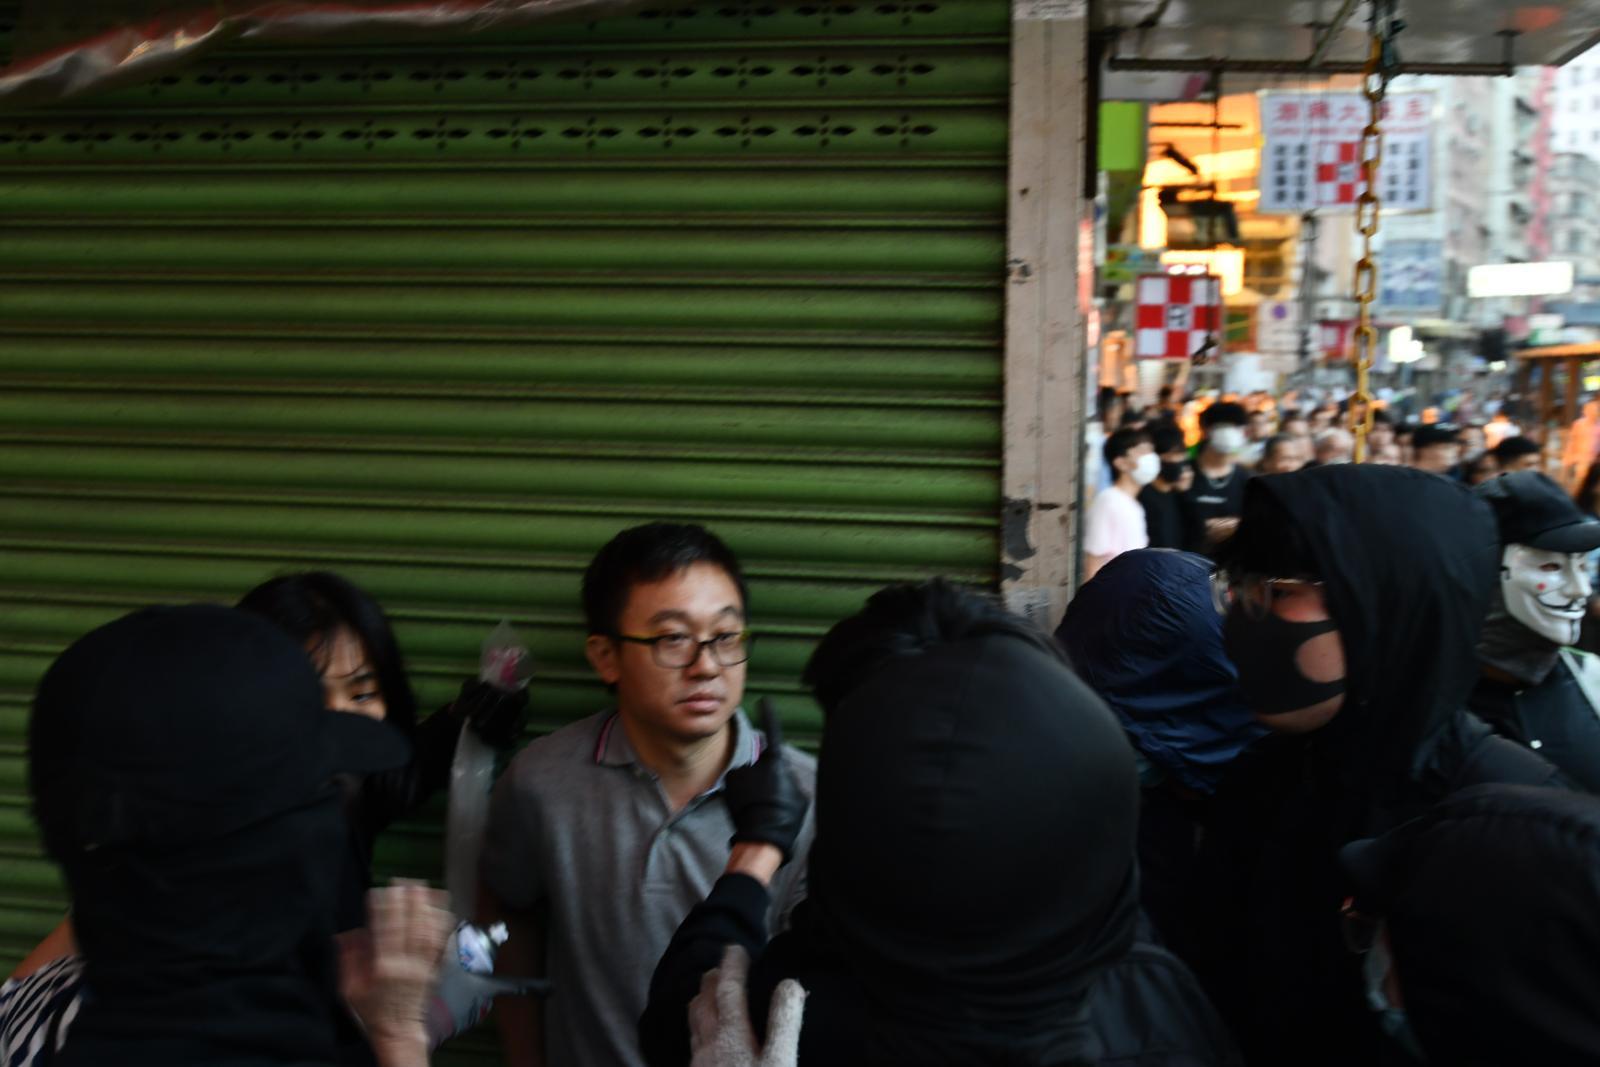 男子疑因拍摄暴徒被围(图源:香港《星岛日报》)